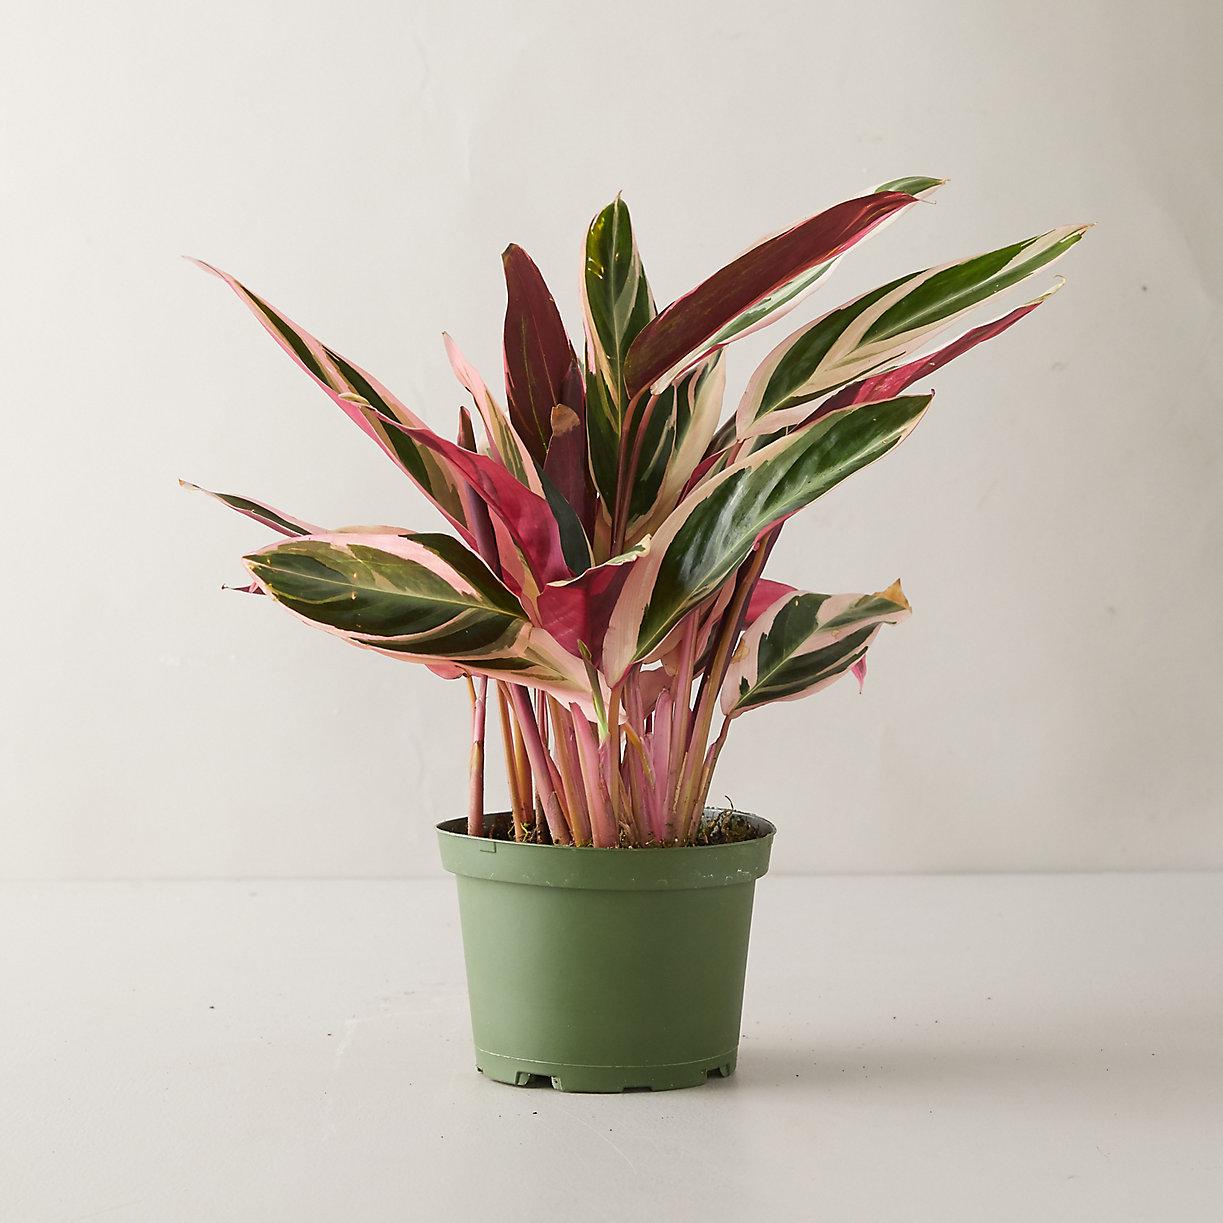 Tricolor Stromanthe Plant